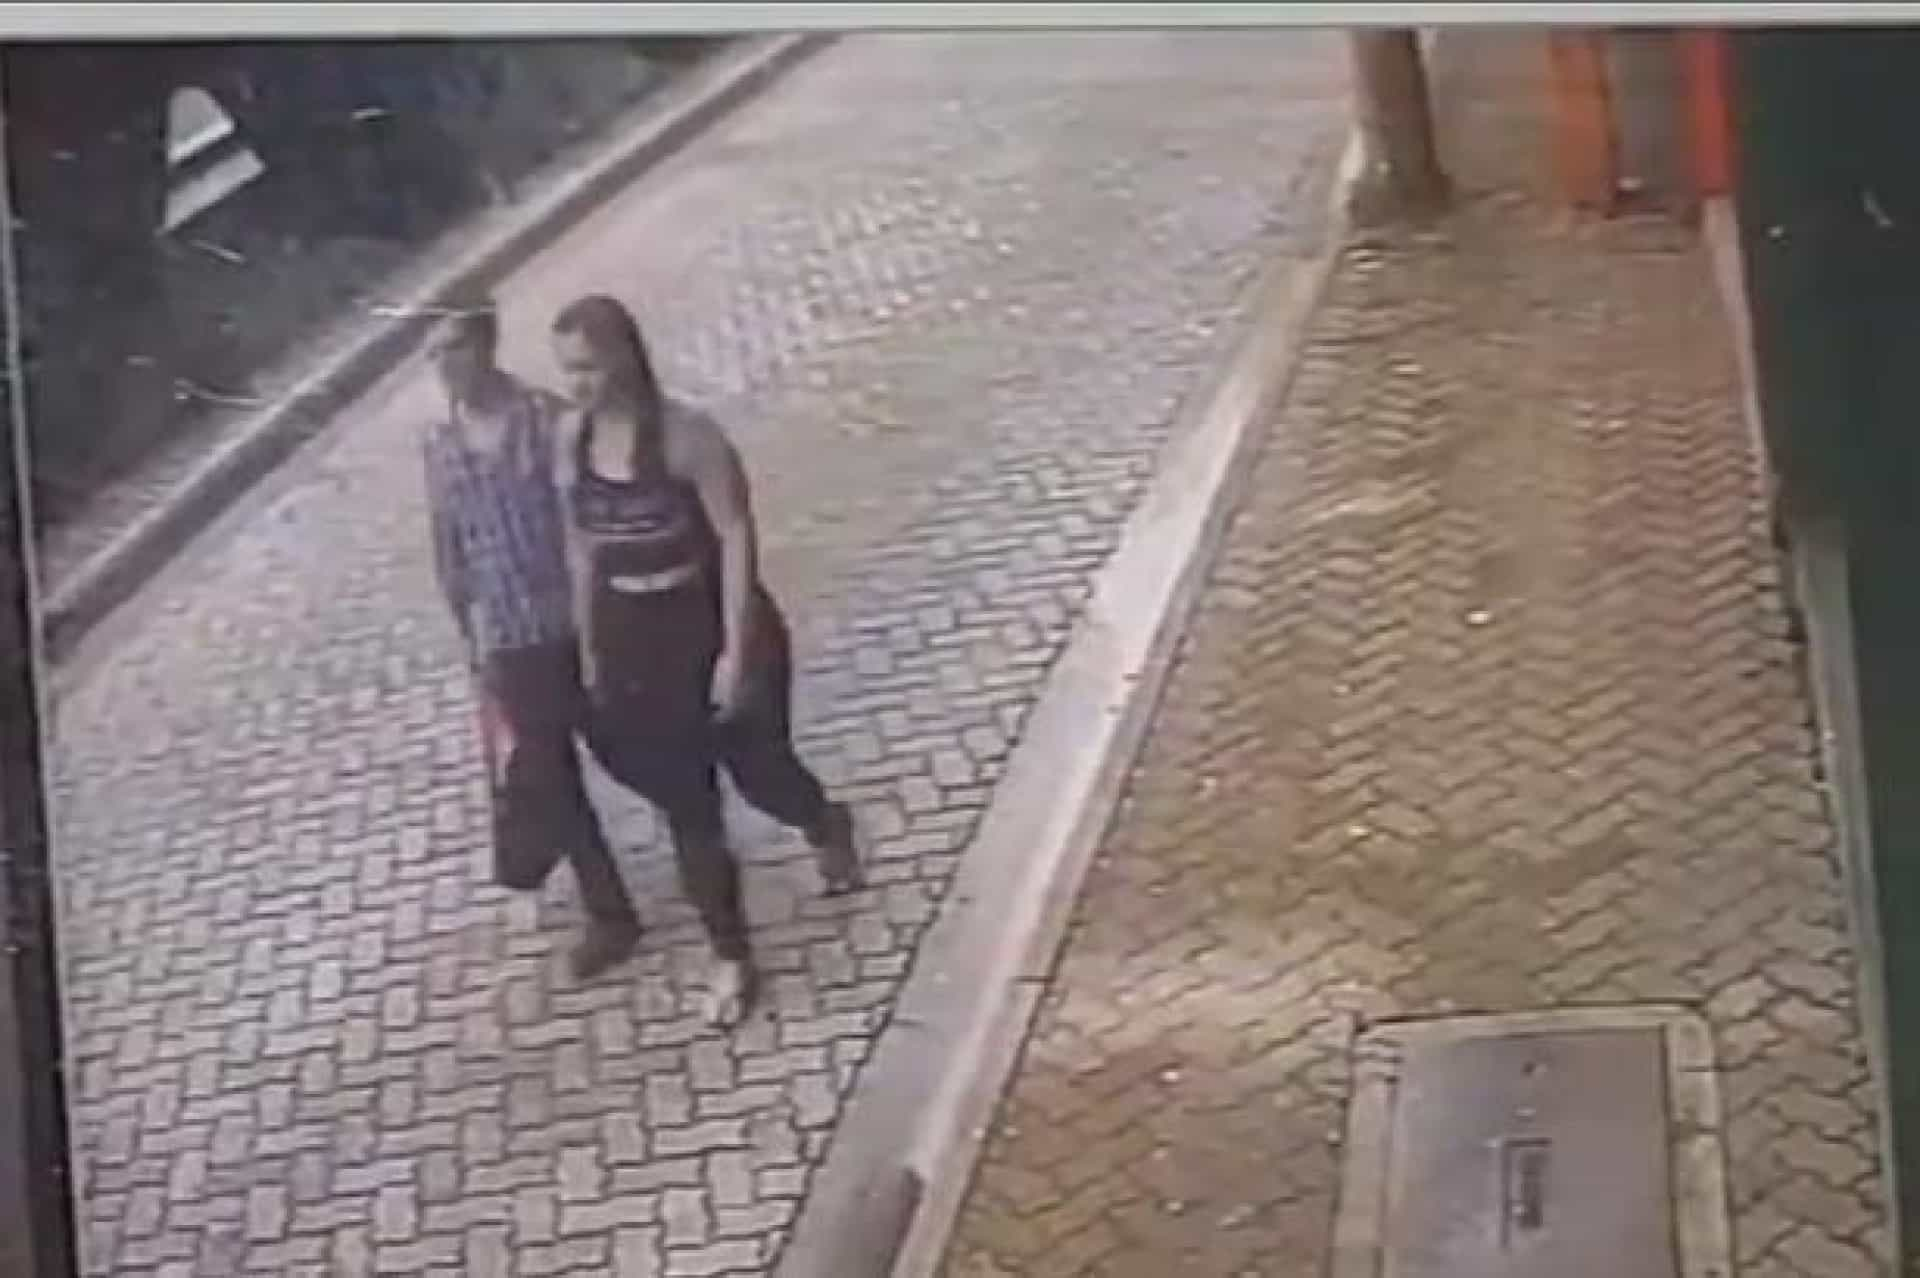 Homem salva namorada de carro descontrolado no último segundo